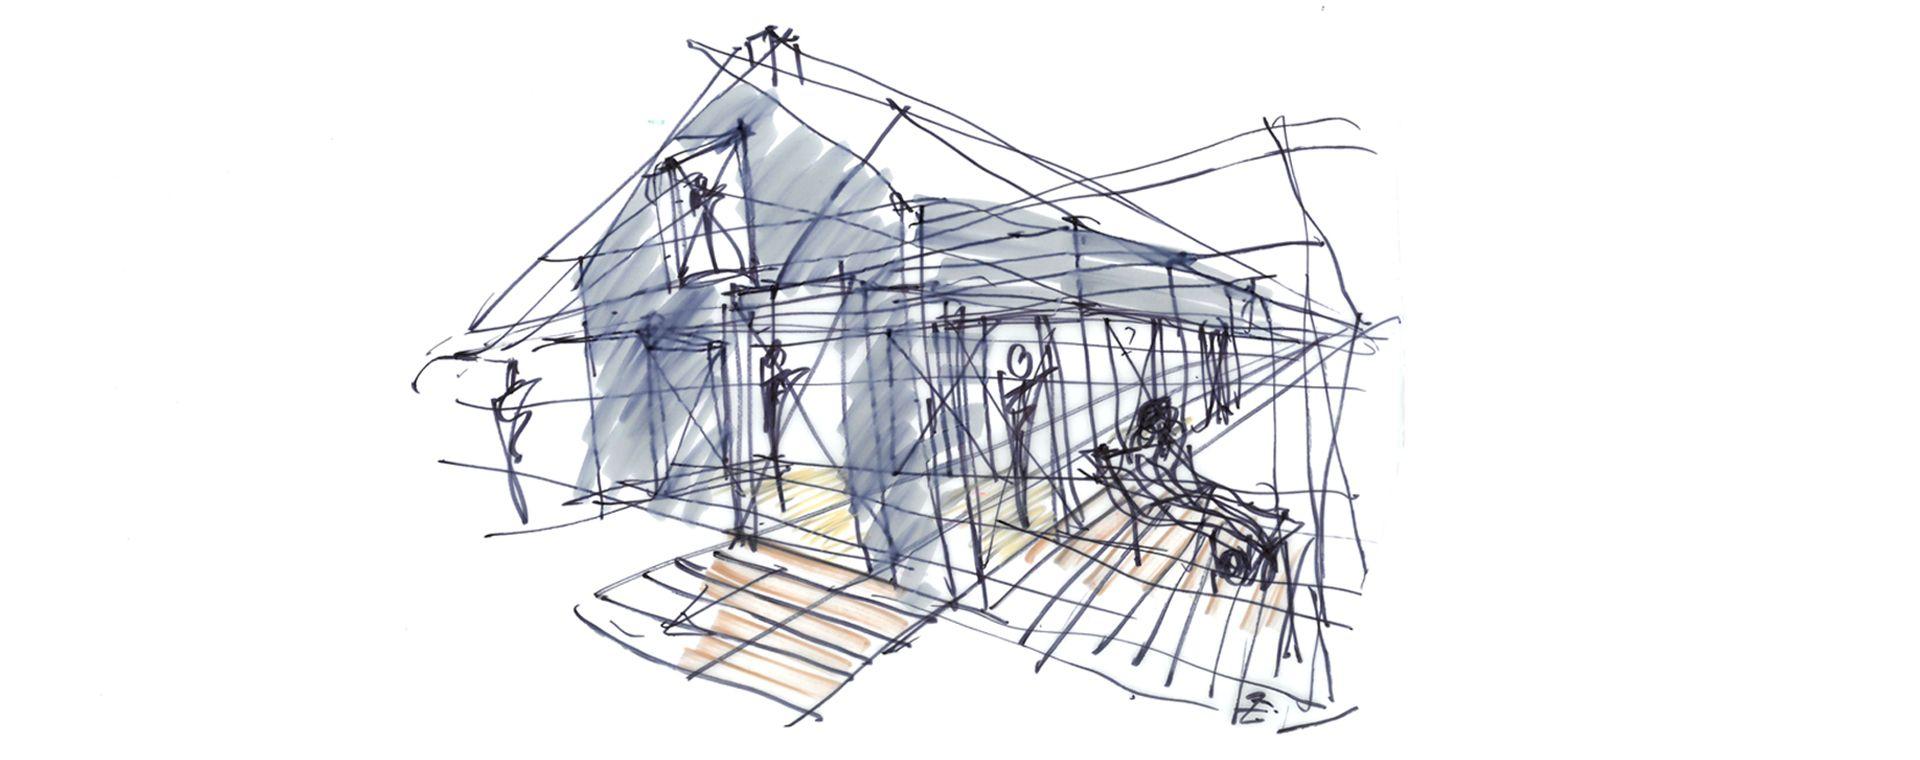 Novostavba rodinného domu do Žďáru nad Sázavou, 2016-2017, CZ